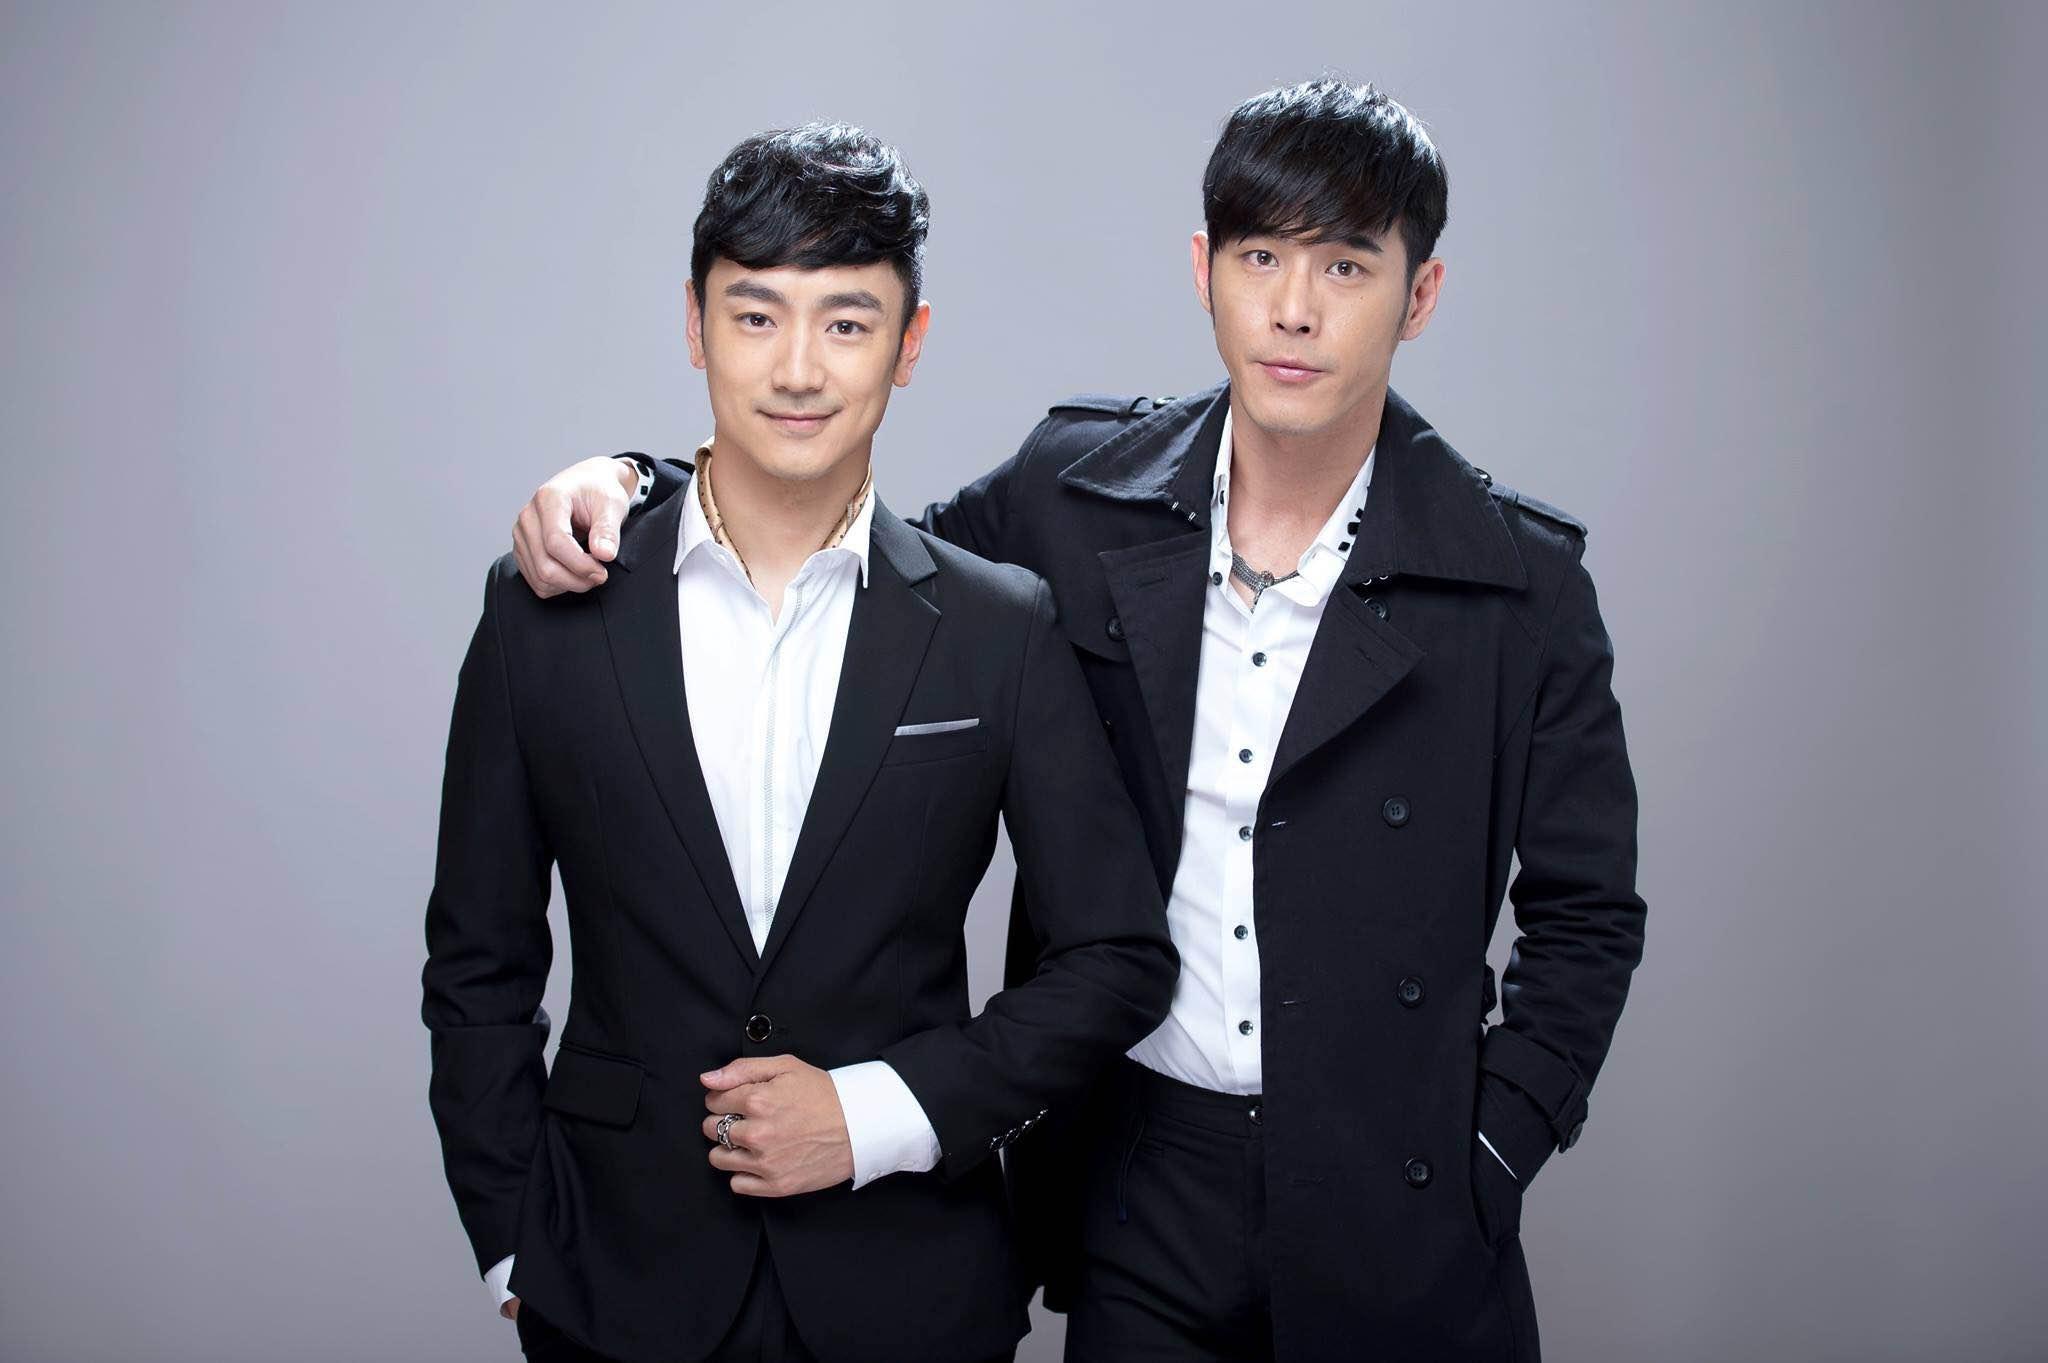 Lâm Hựu Uy và Huỳnh Đằng Hạo